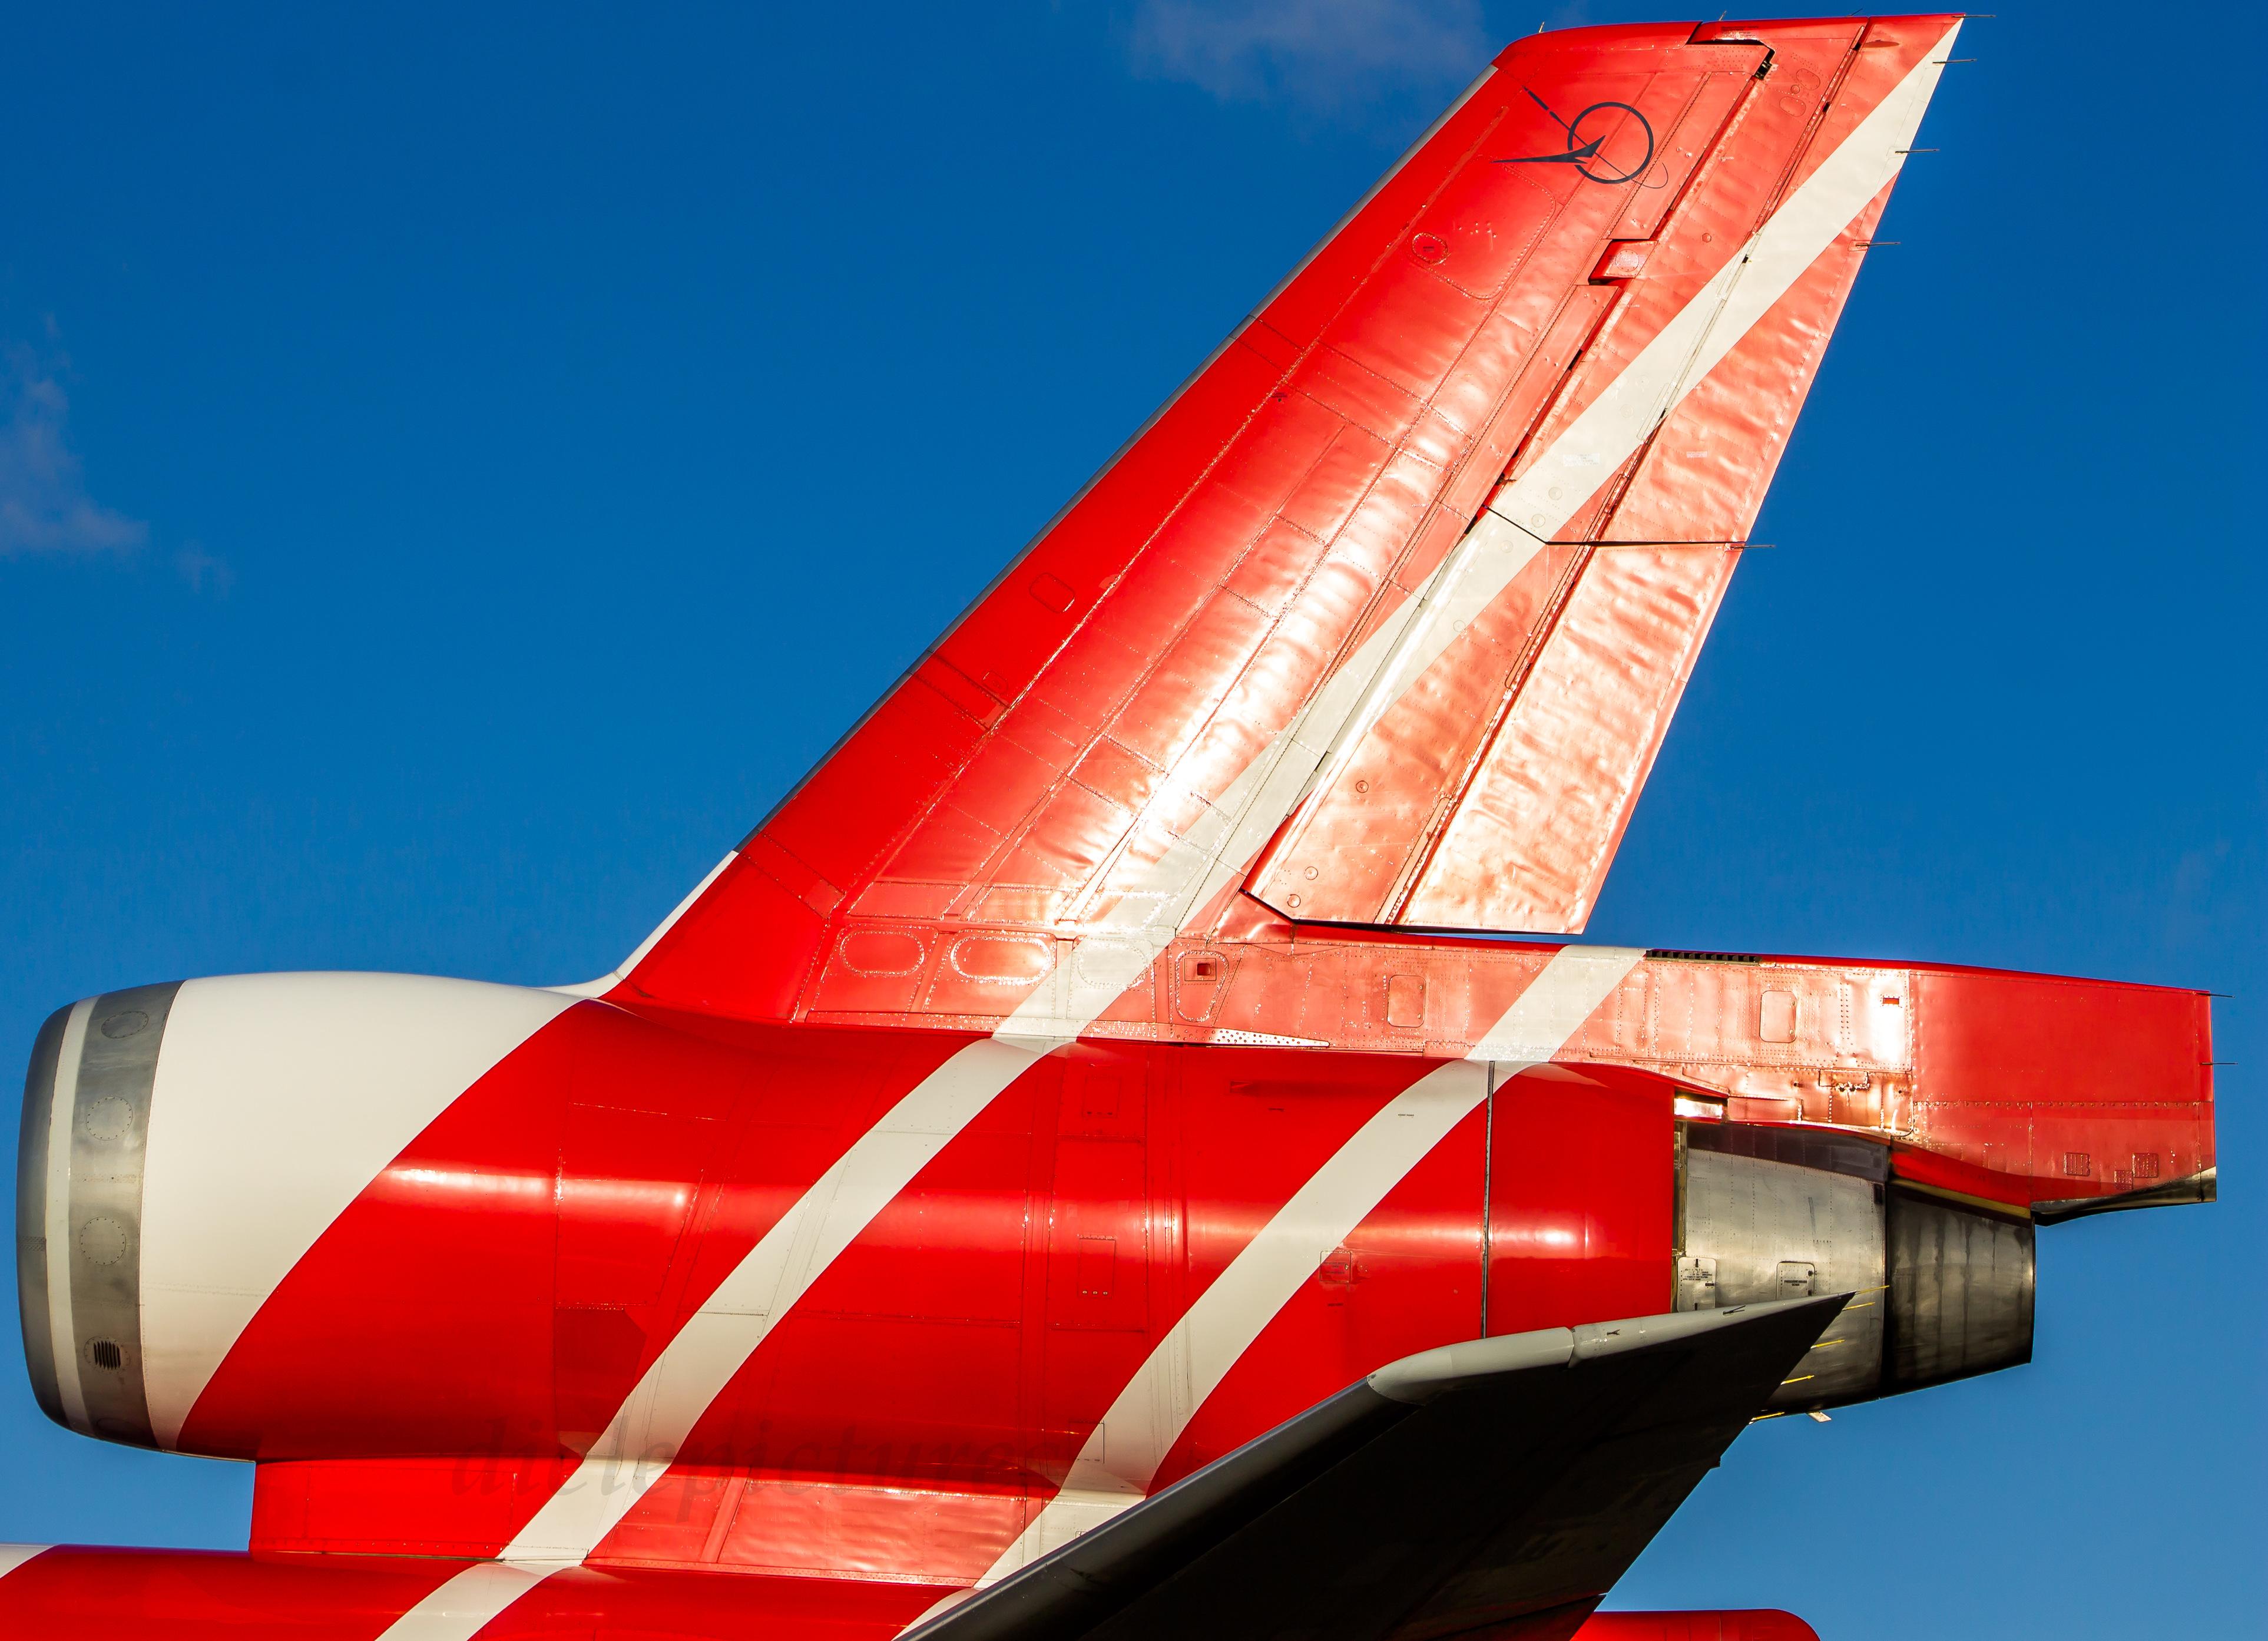 Hintergrundbilder : Weiß, Schwanz, rot, Himmel, Nahansicht, blau ...